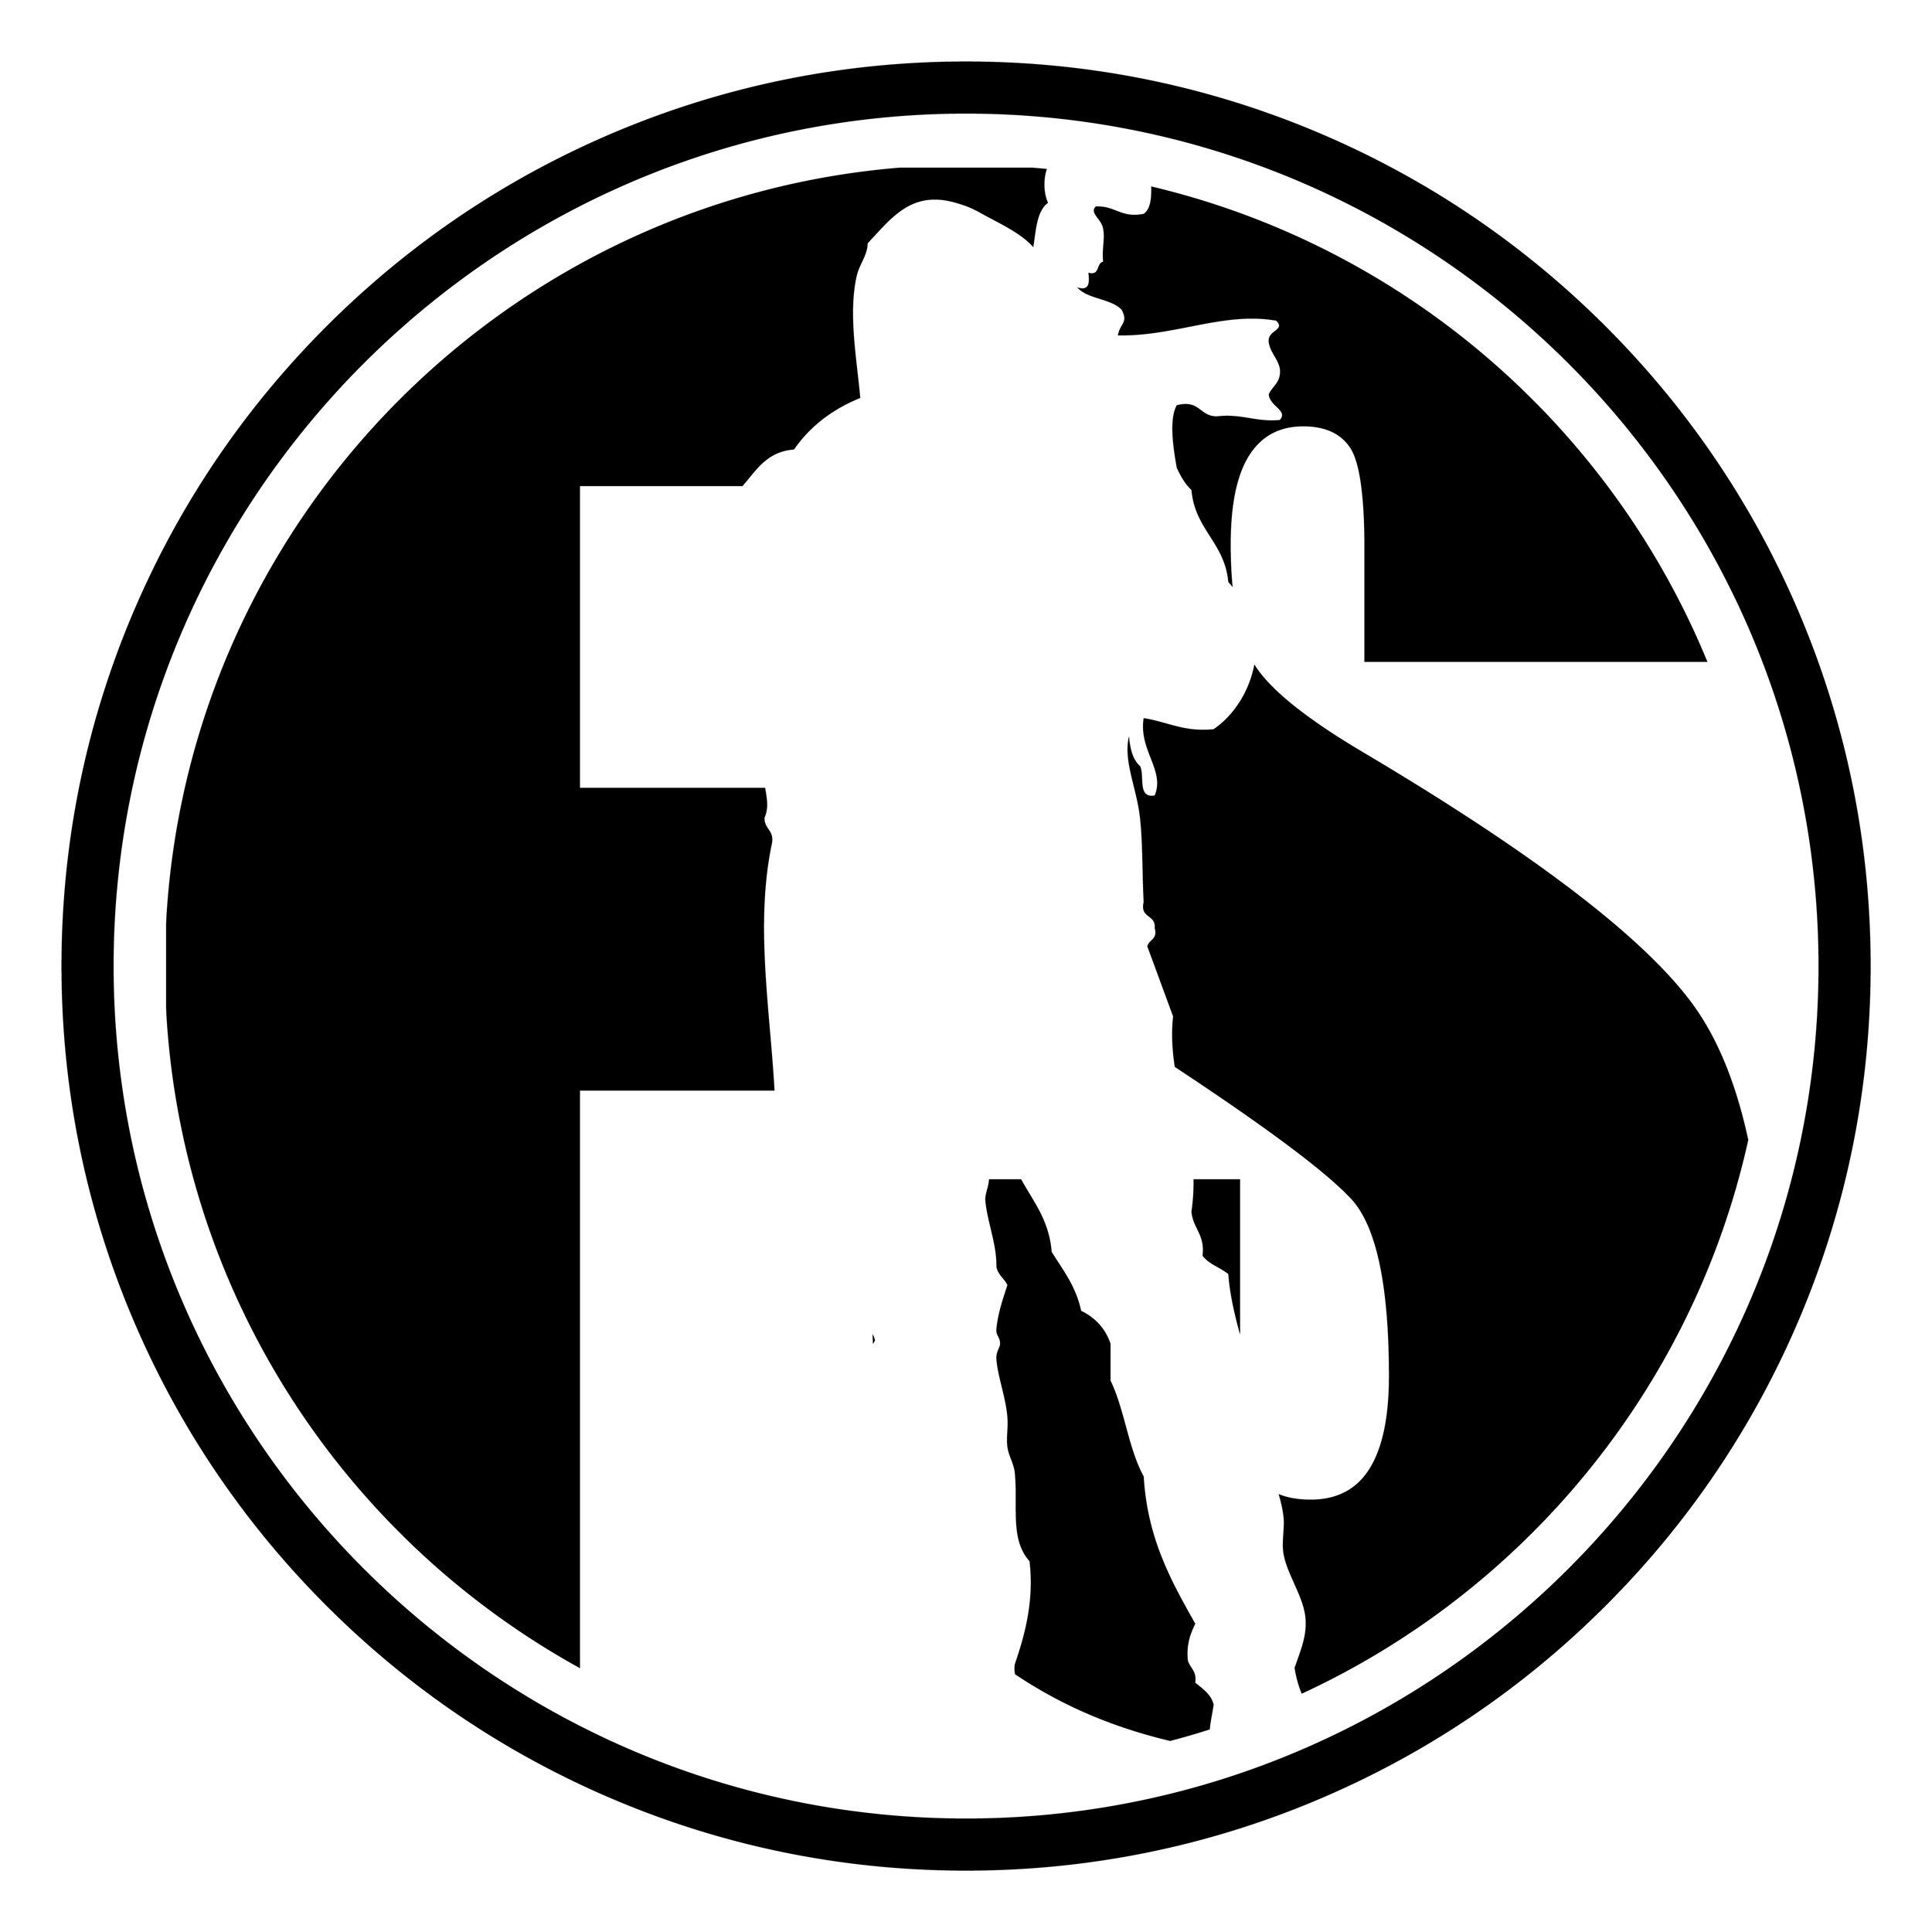 marchio brand finito logotipo pieno milano